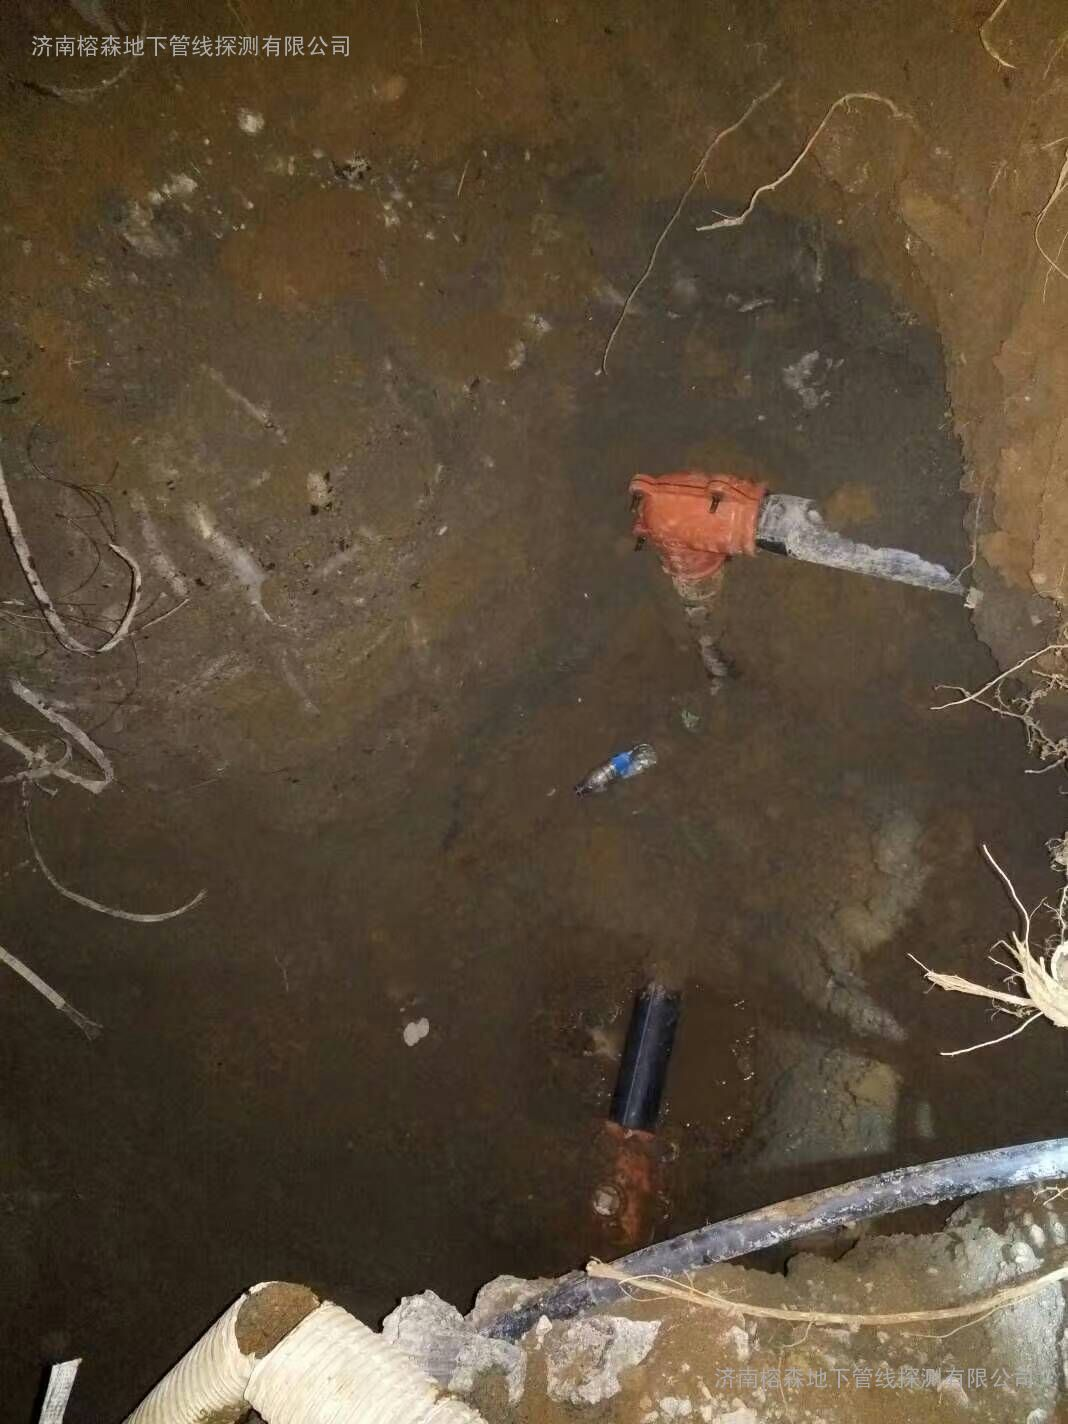 压力管道漏点定位|地下管线专业探测|济南榕森